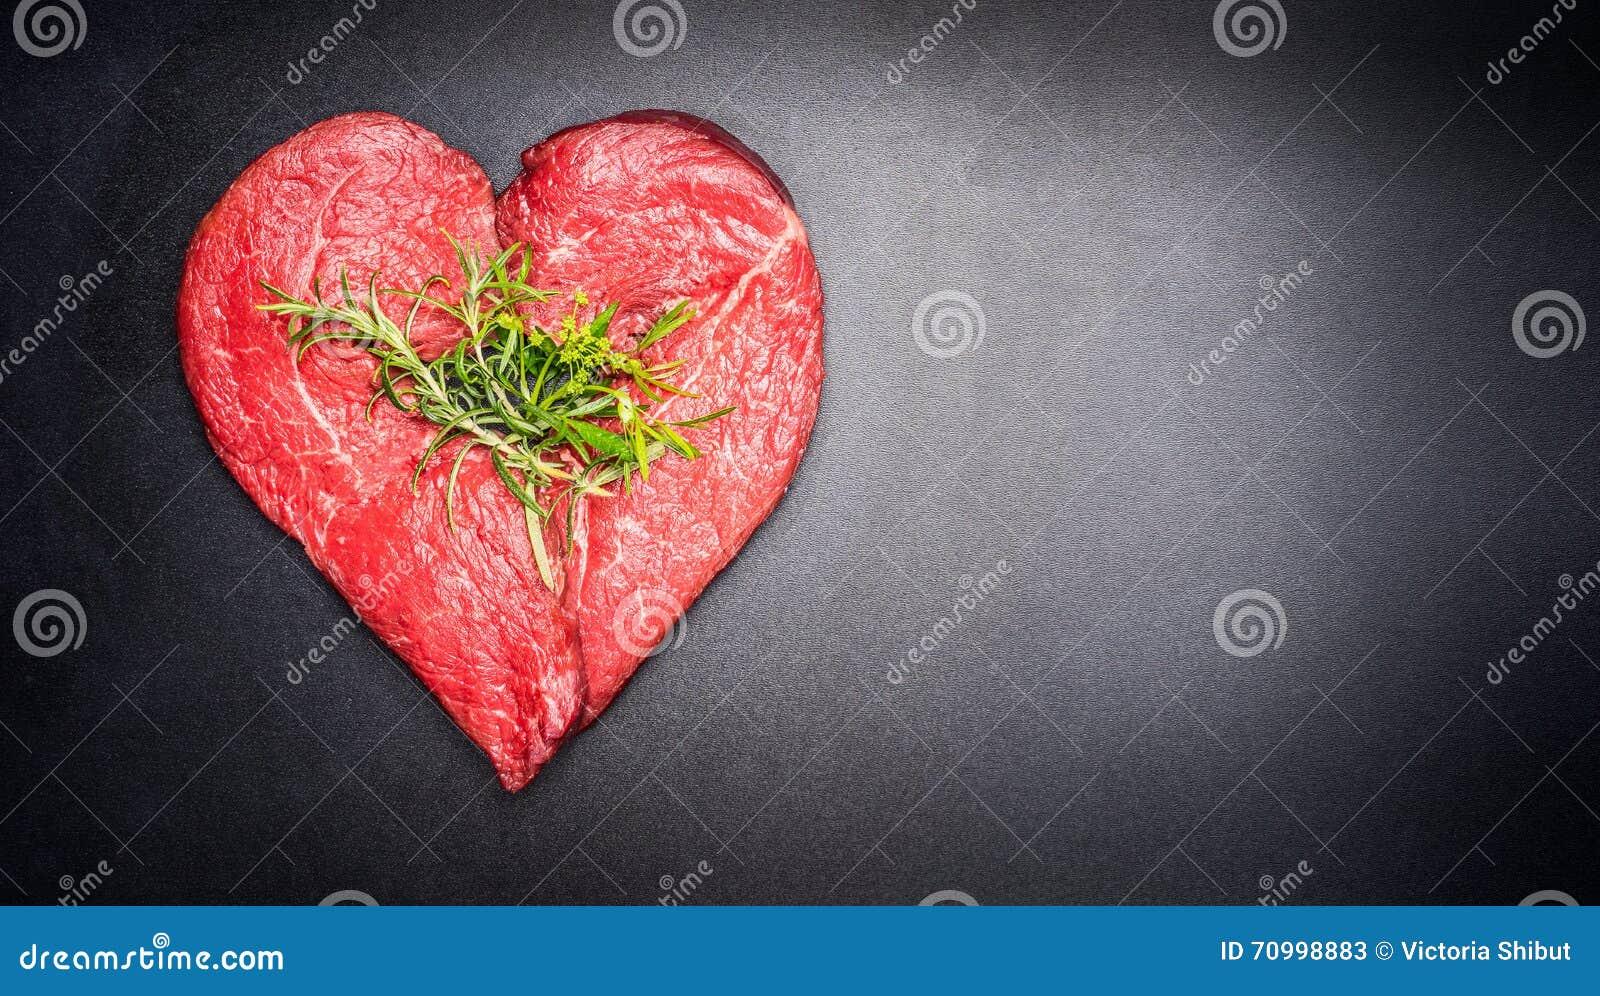 Rått kött för hjärtaform med örter på mörk svart tavlabakgrund Sund livsstil eller begrepp för organisk mat